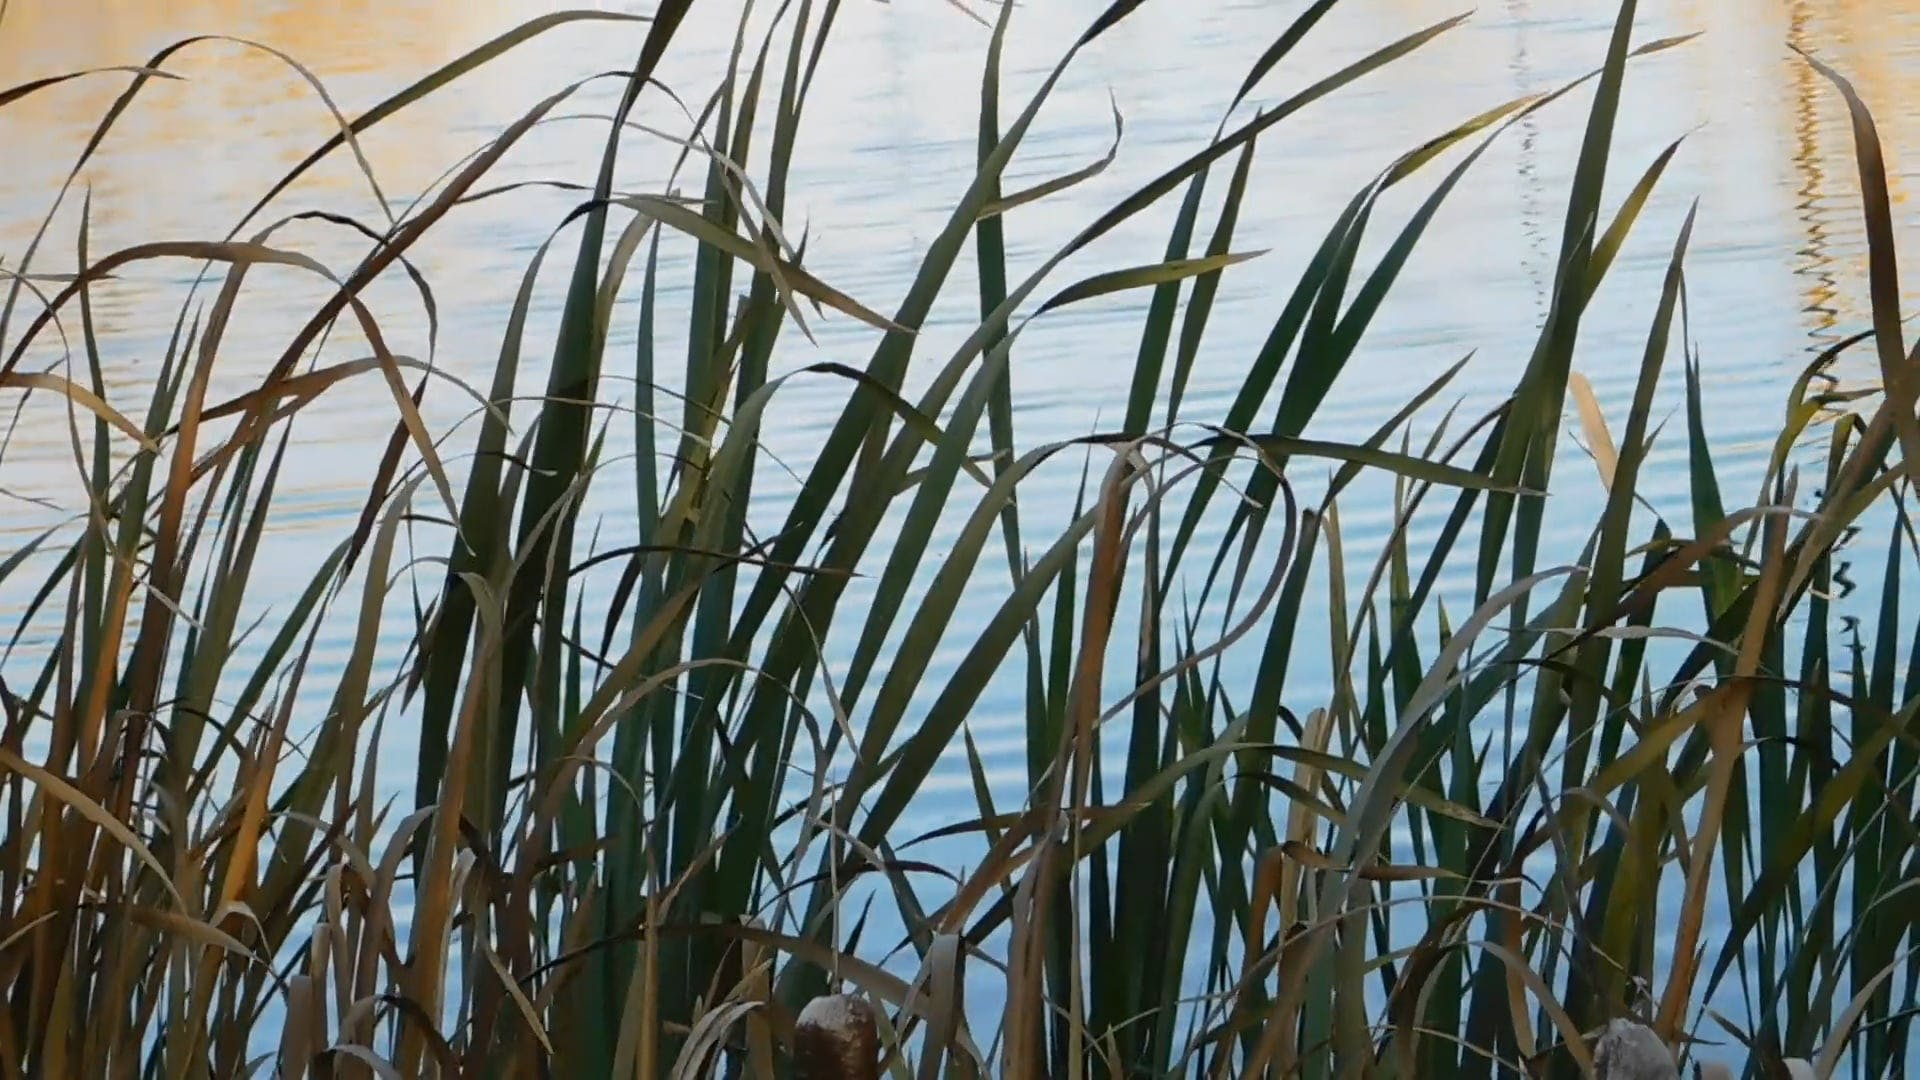 Tall Grass At The Lake